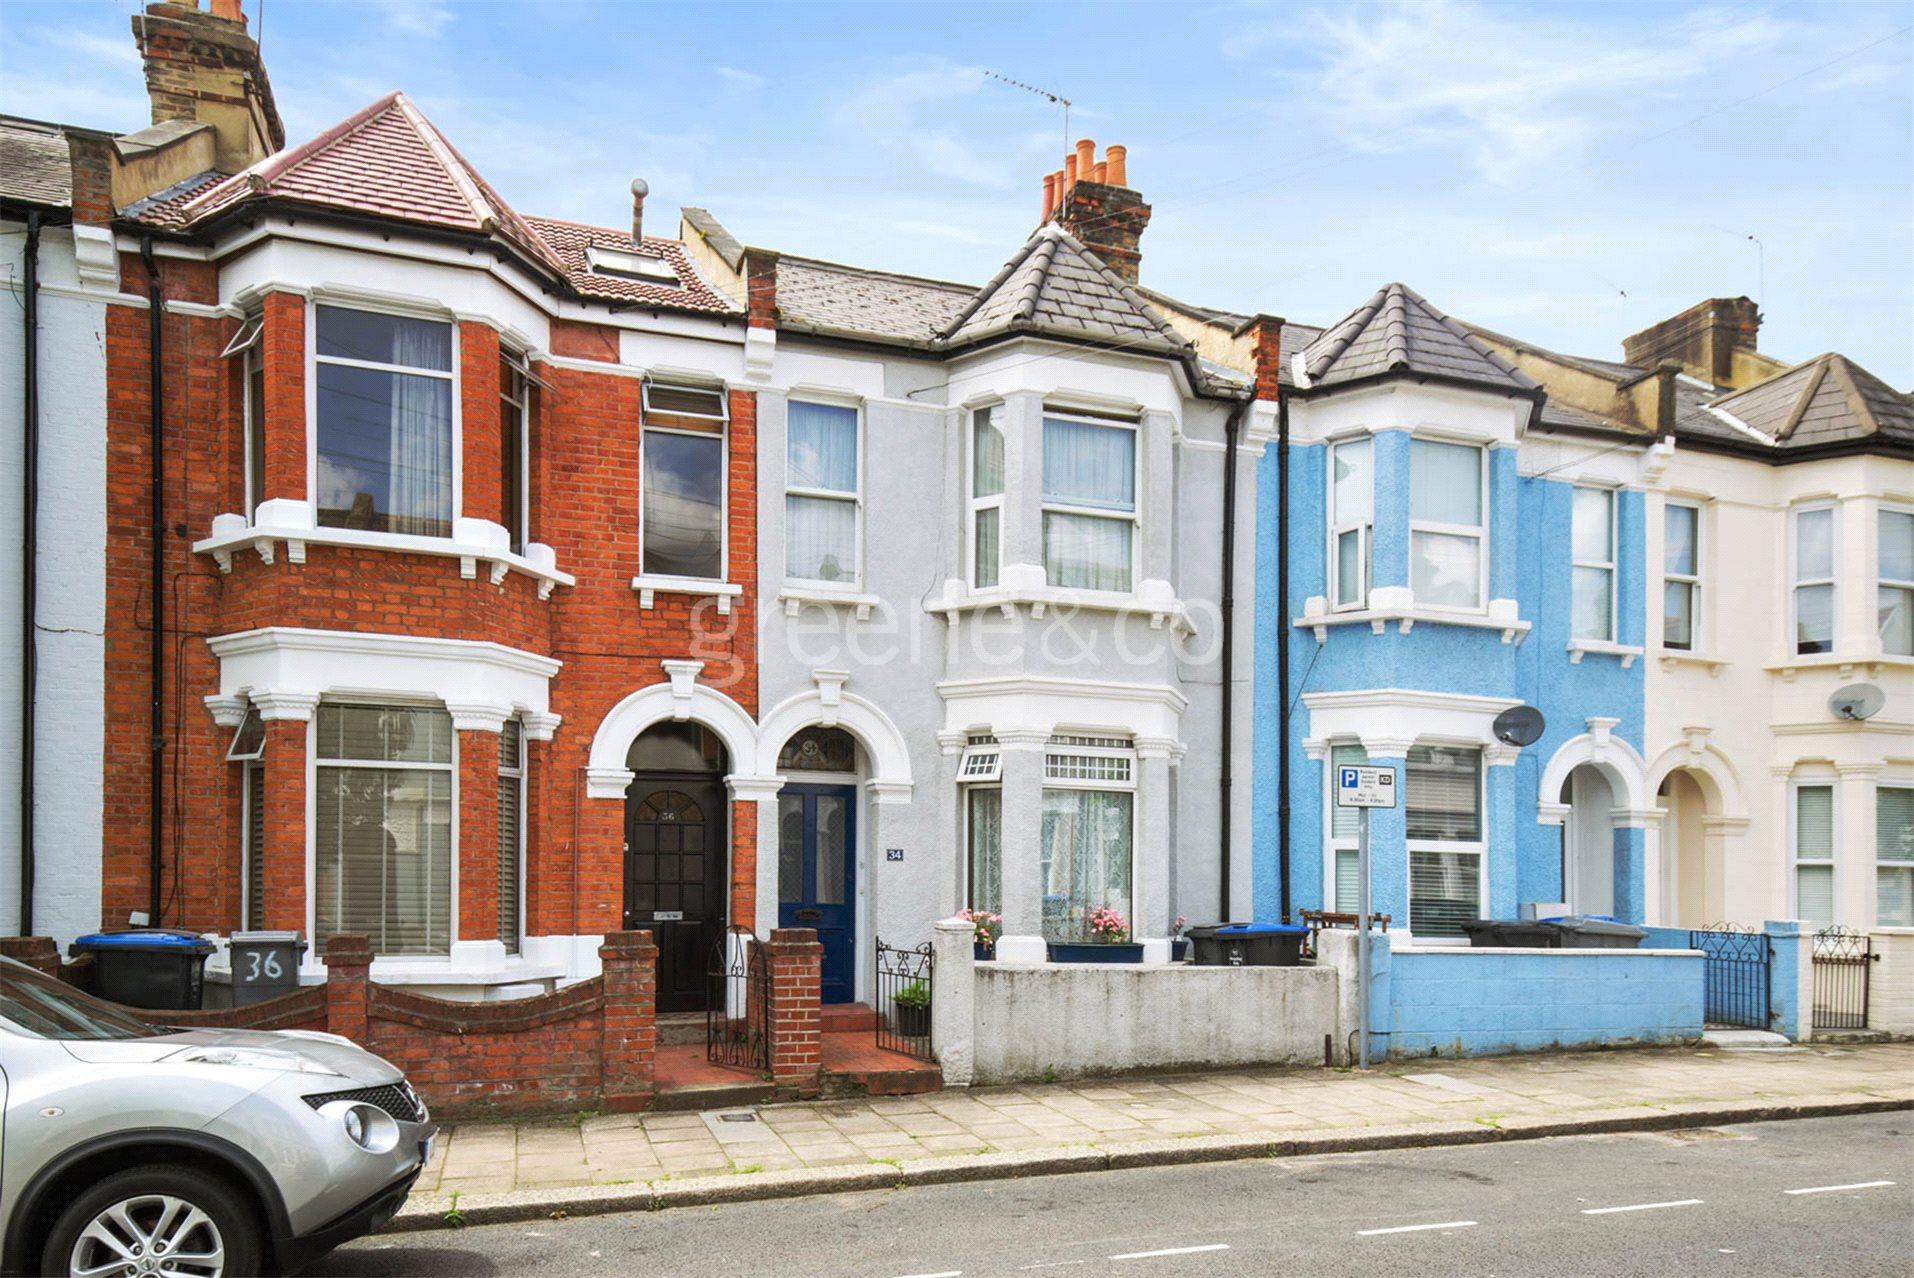 3 Bedrooms Maisonette Flat for sale in Kingsley Road, Kilburn, London, NW6